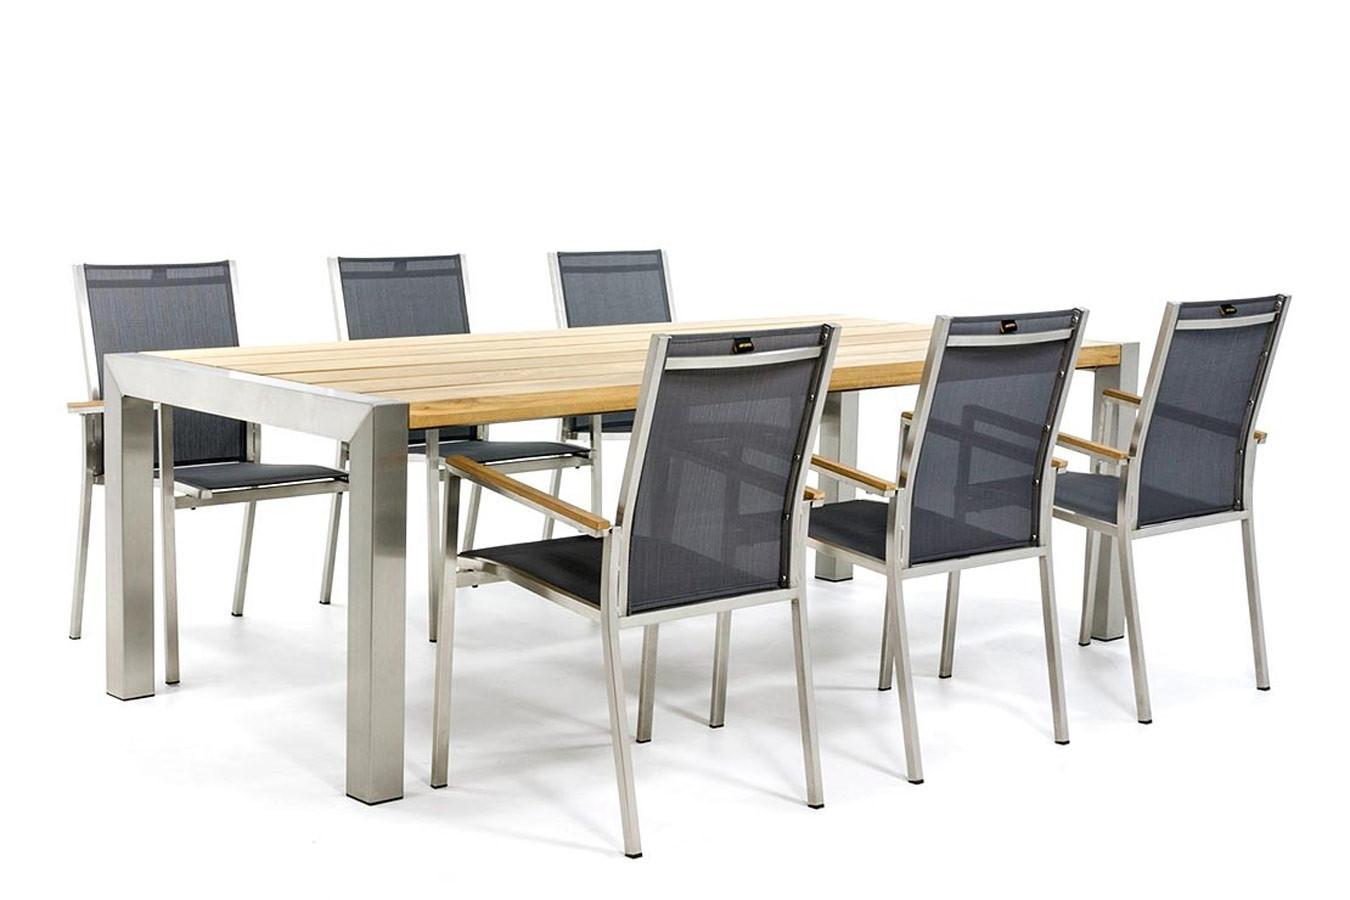 RVS tuintafel met teak tafelblad en RVS stoelen